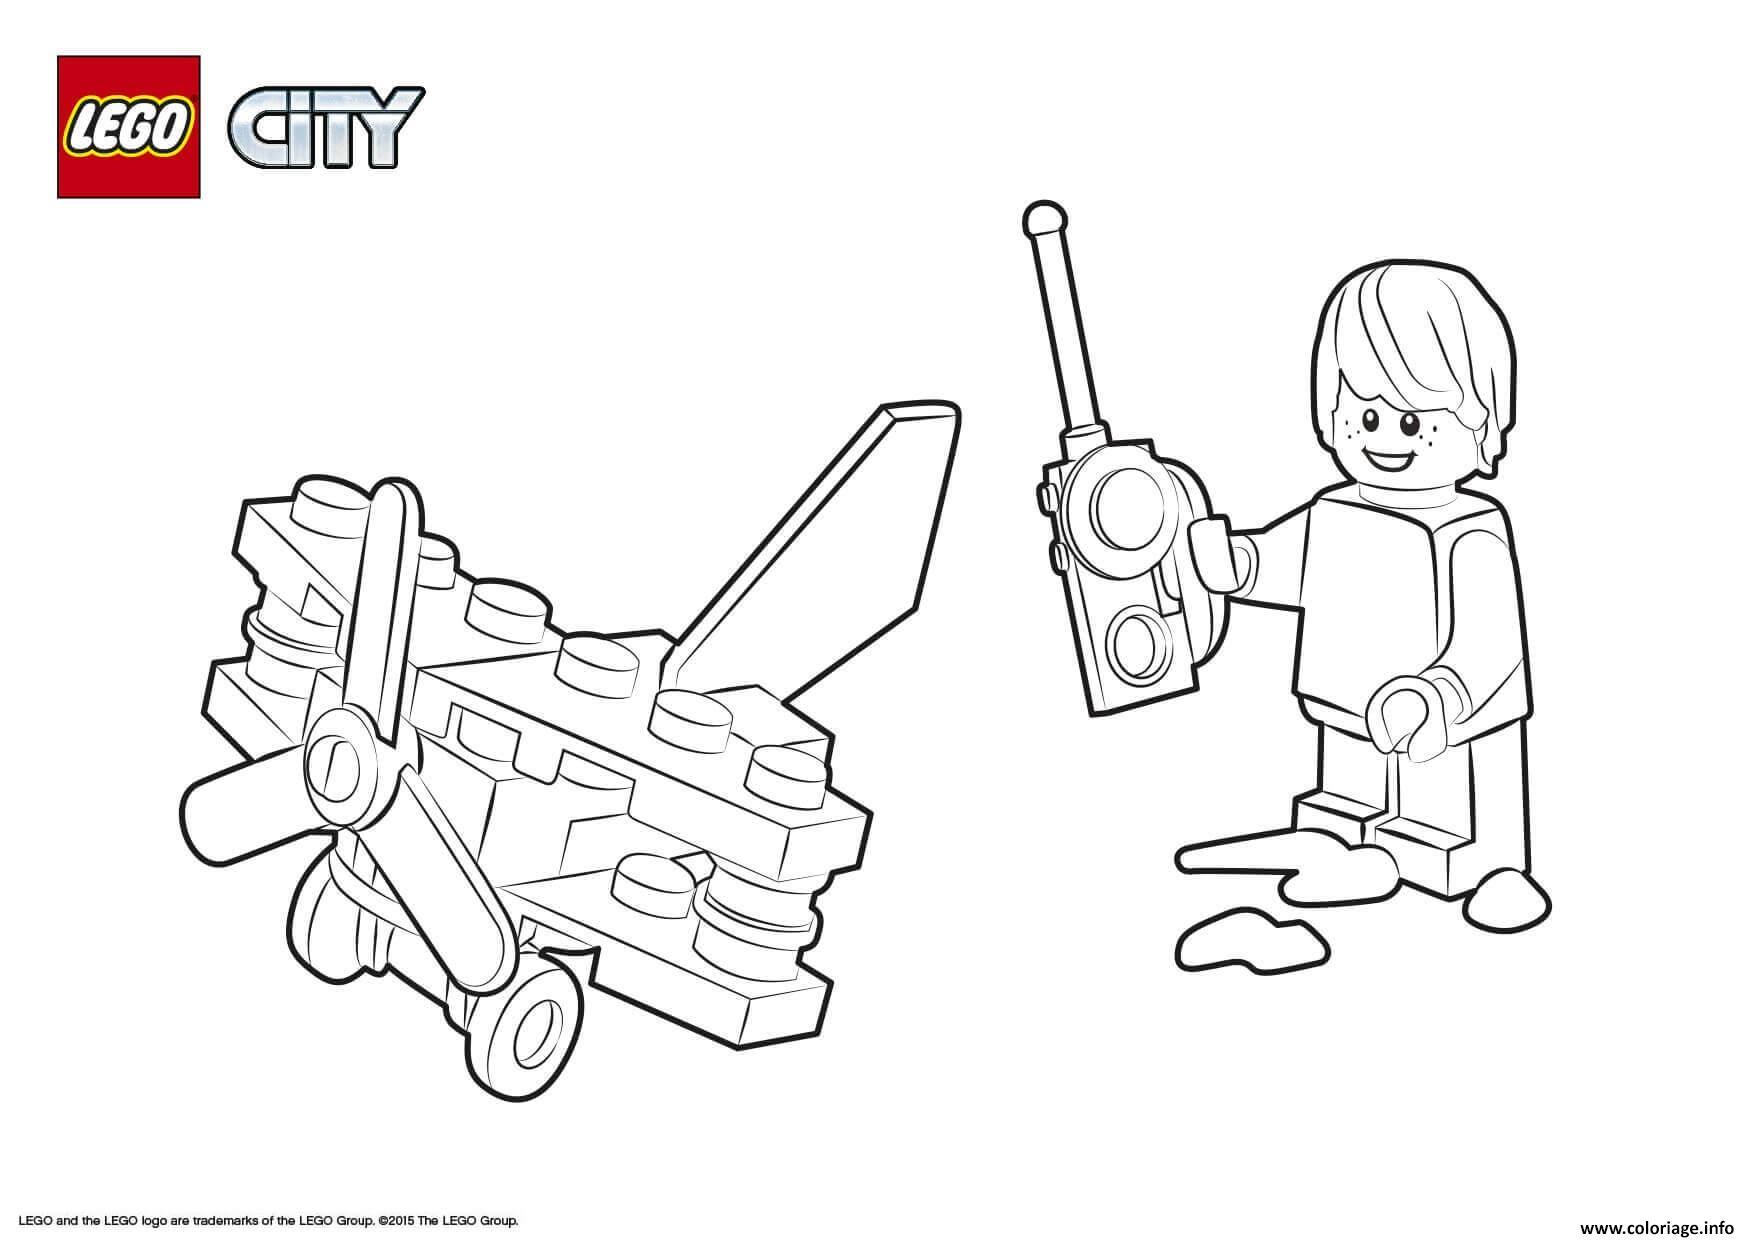 Dessin Lego City Small Plane Coloriage Gratuit à Imprimer